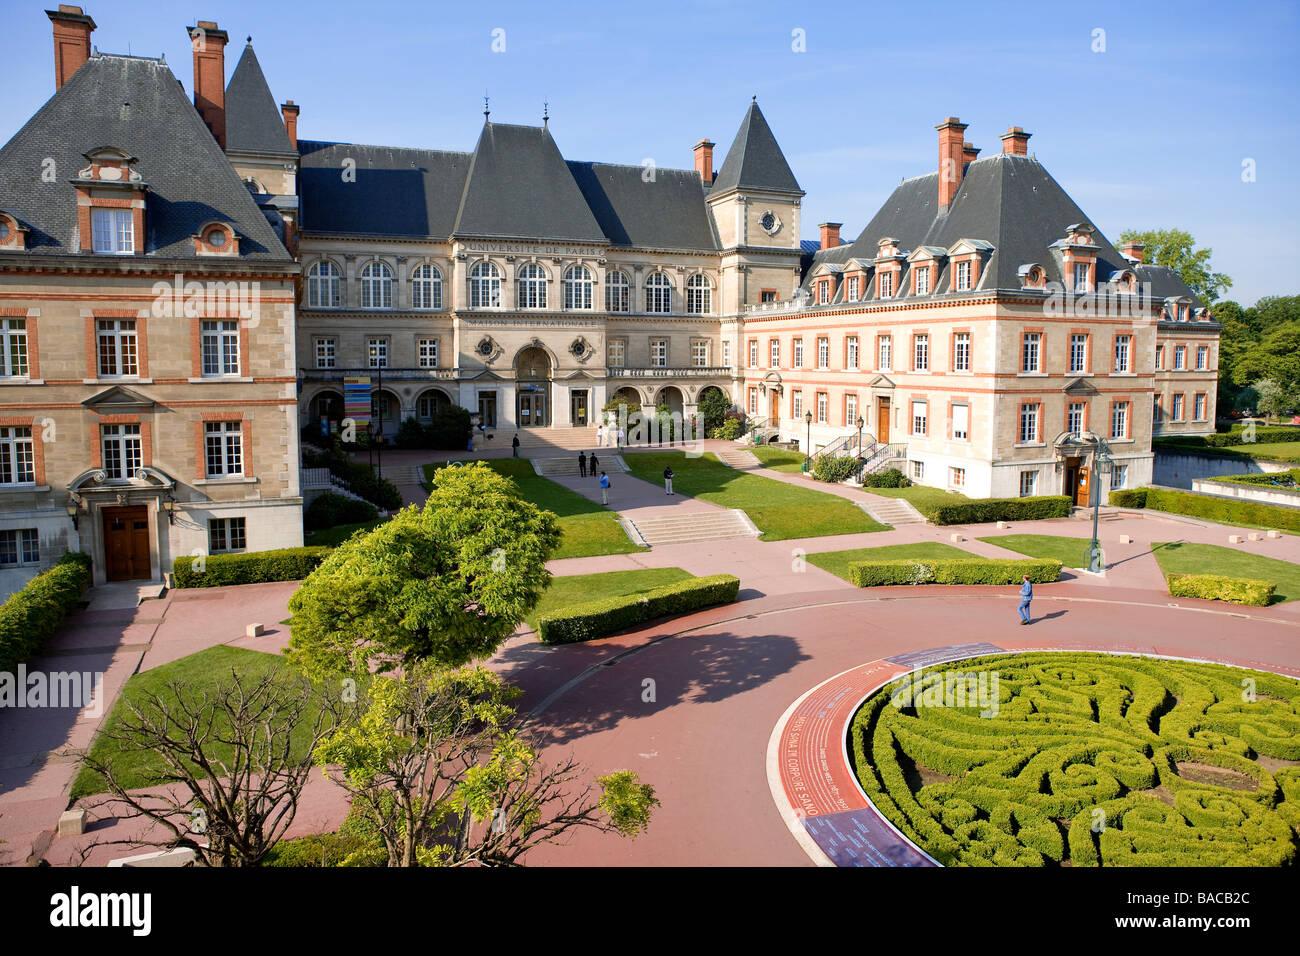 France paris cite internationale universitaire for Maison de norvege cite universitaire